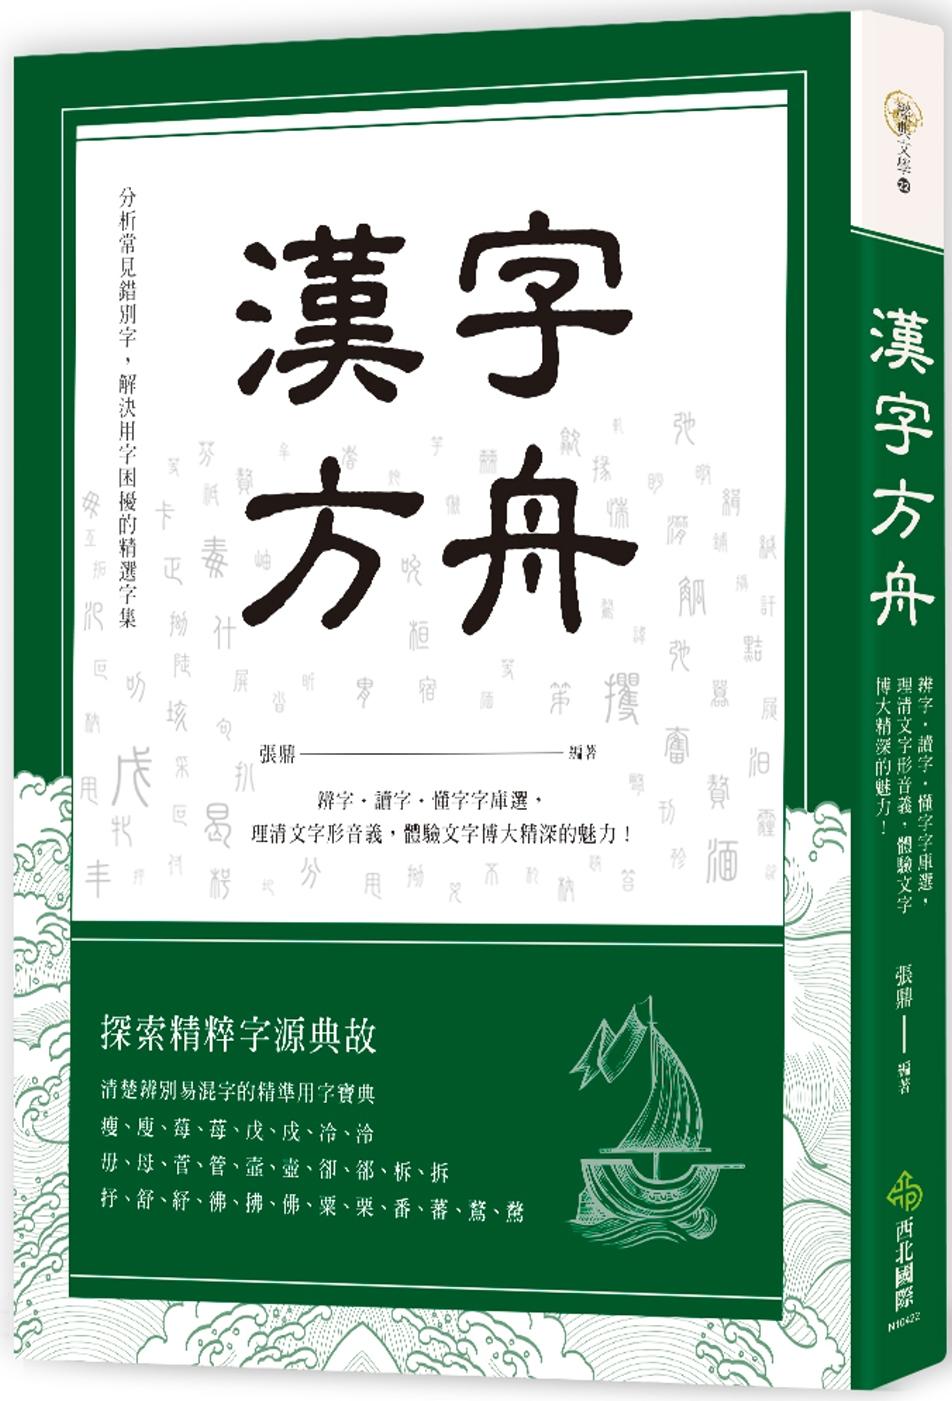 漢字方舟:辨字‧讀字‧懂字字庫...